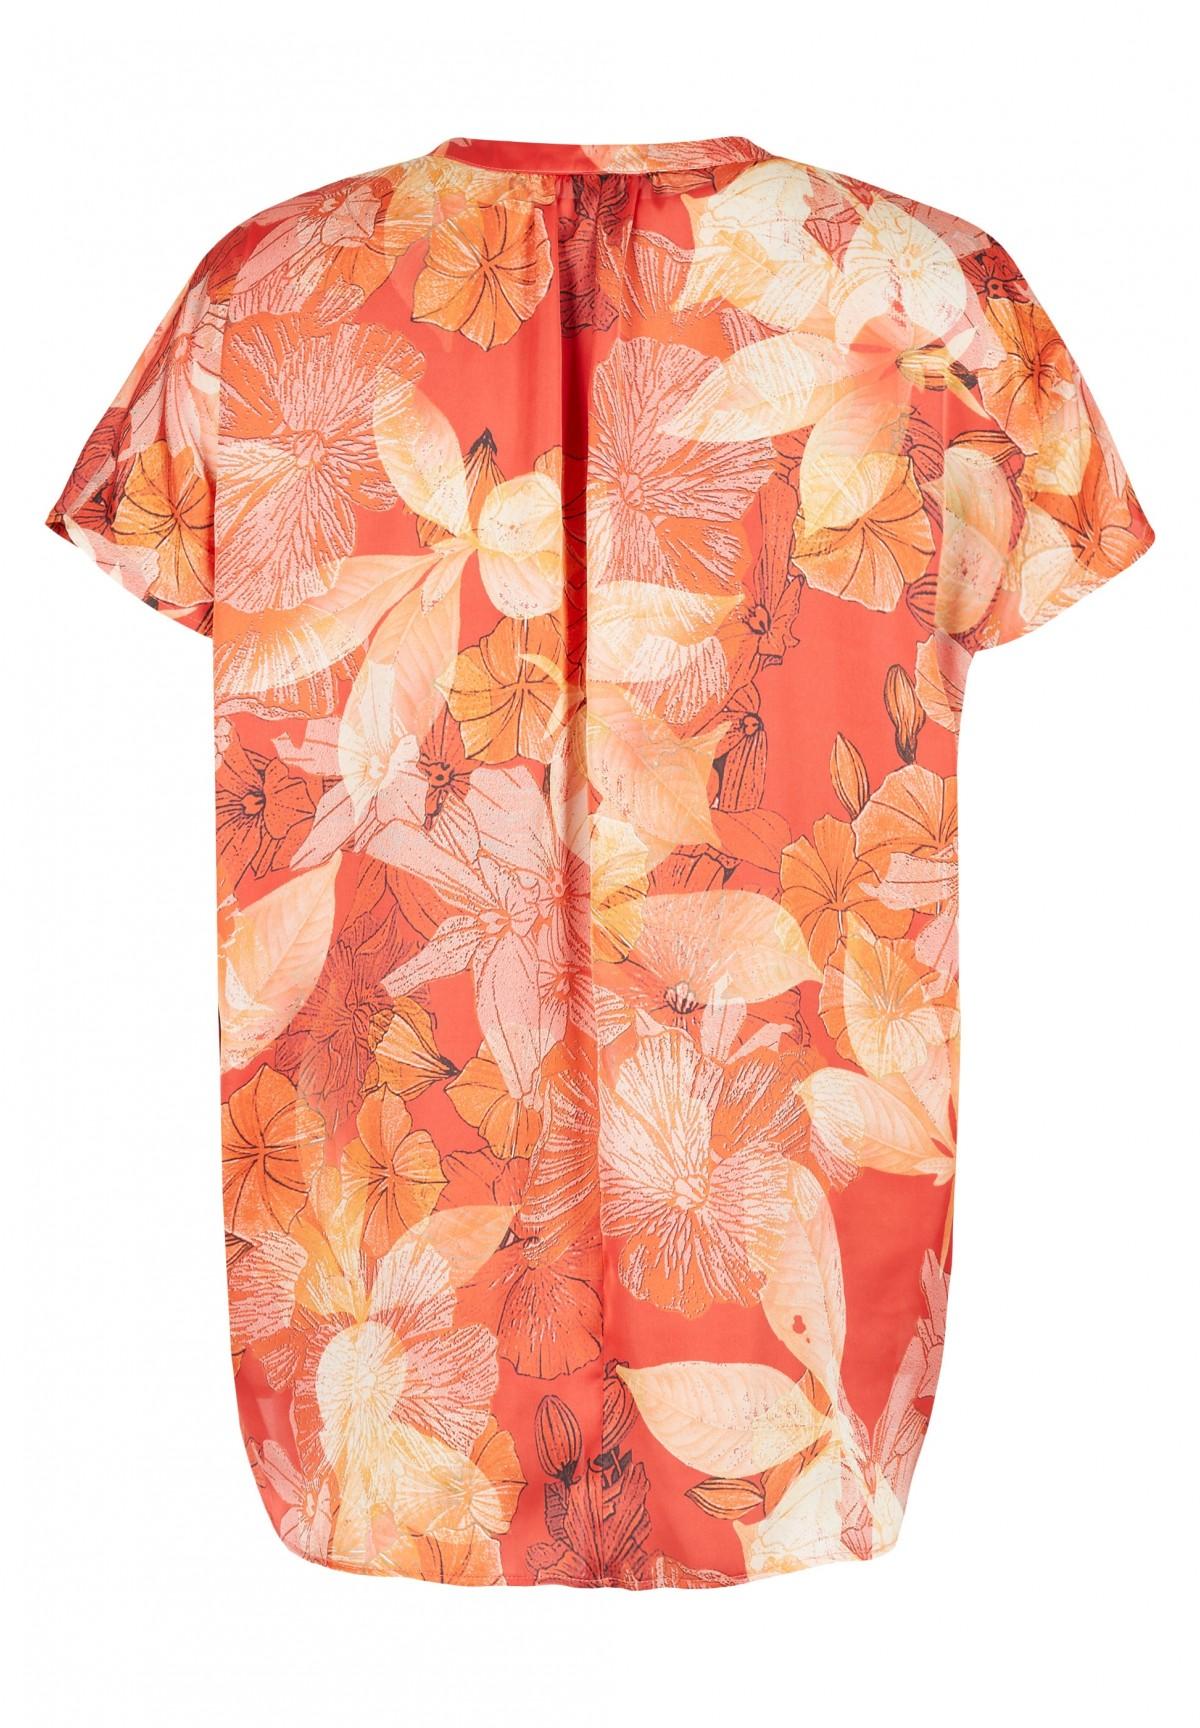 Bluse mit grafischem Muster / Tunika